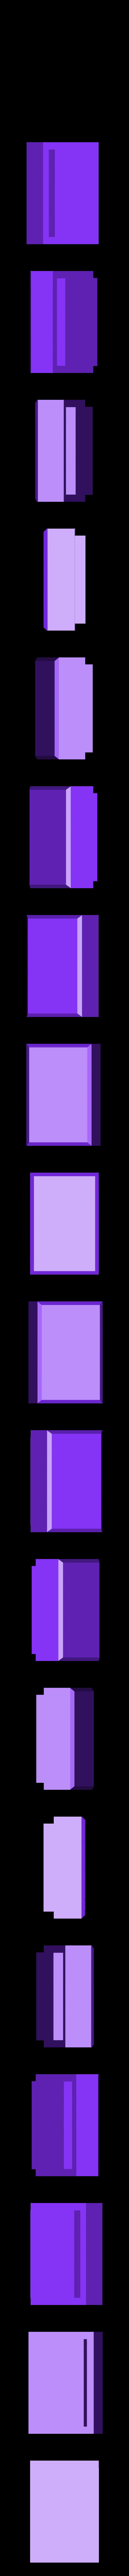 BlockBack14_09.stl Download STL file Playing Card Tiles • Object to 3D print, Jinja